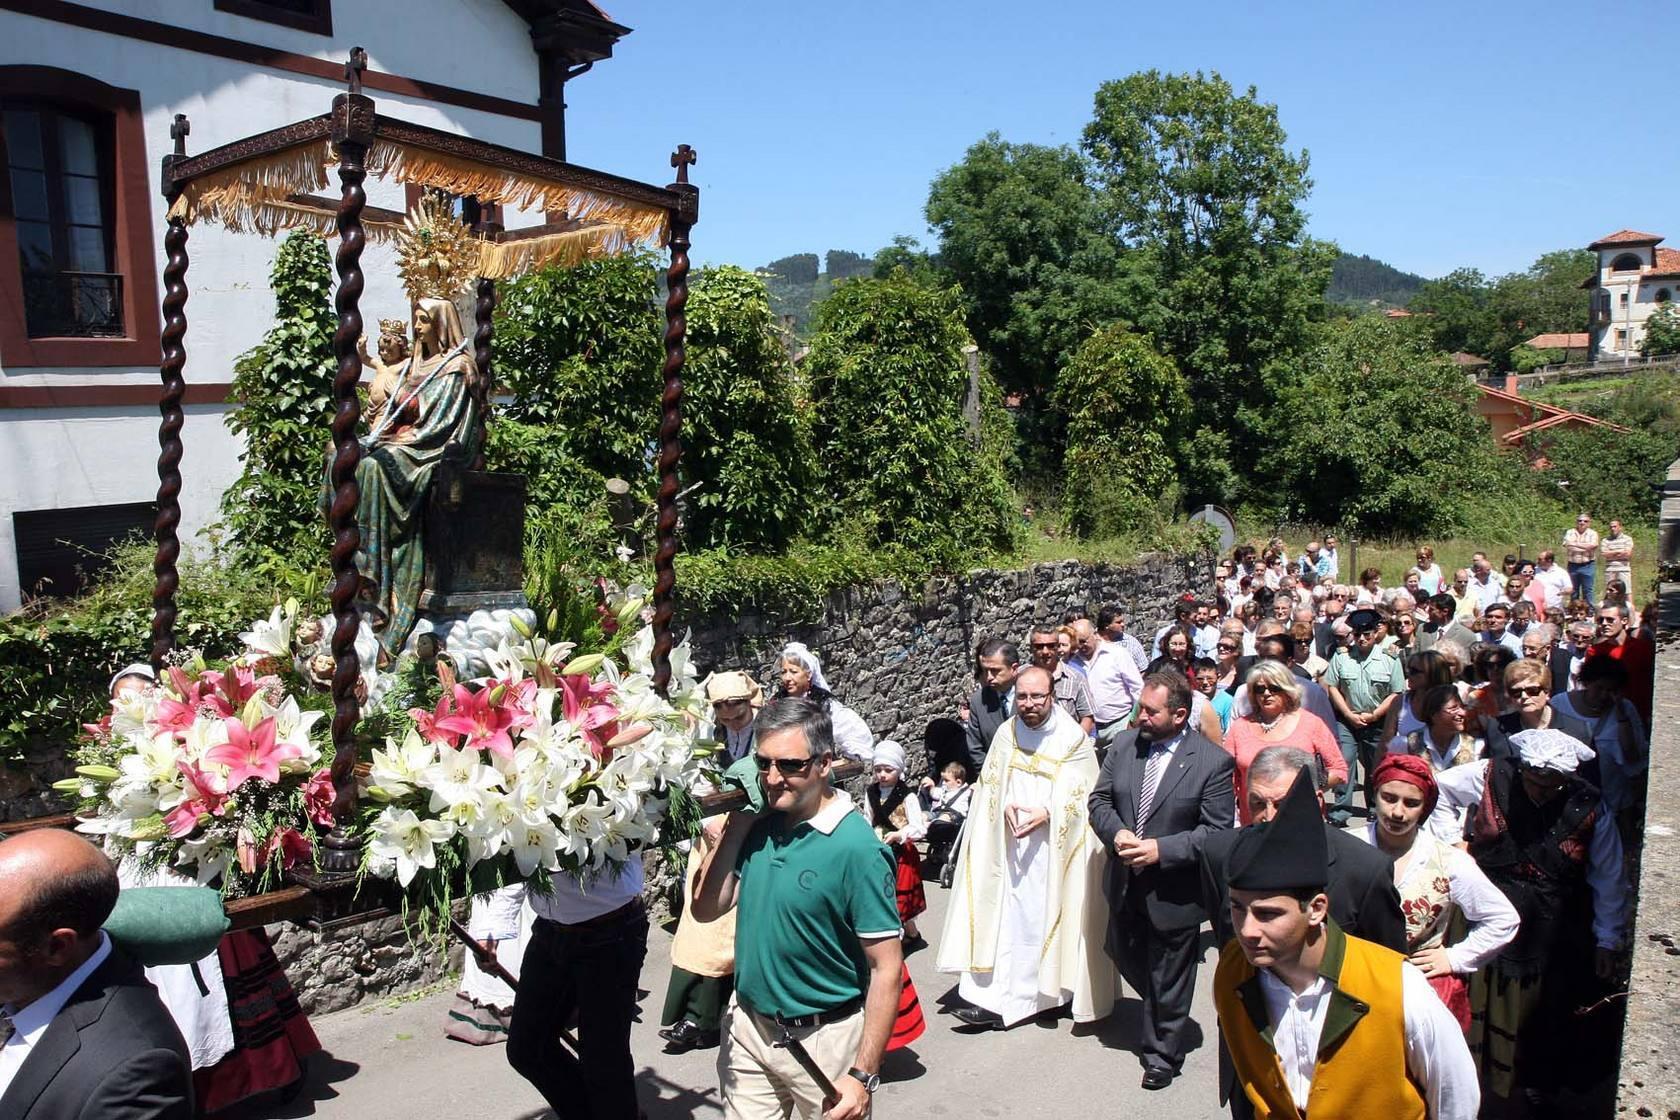 Las mejores imágenes del día grande de las Fiestas de Loreto